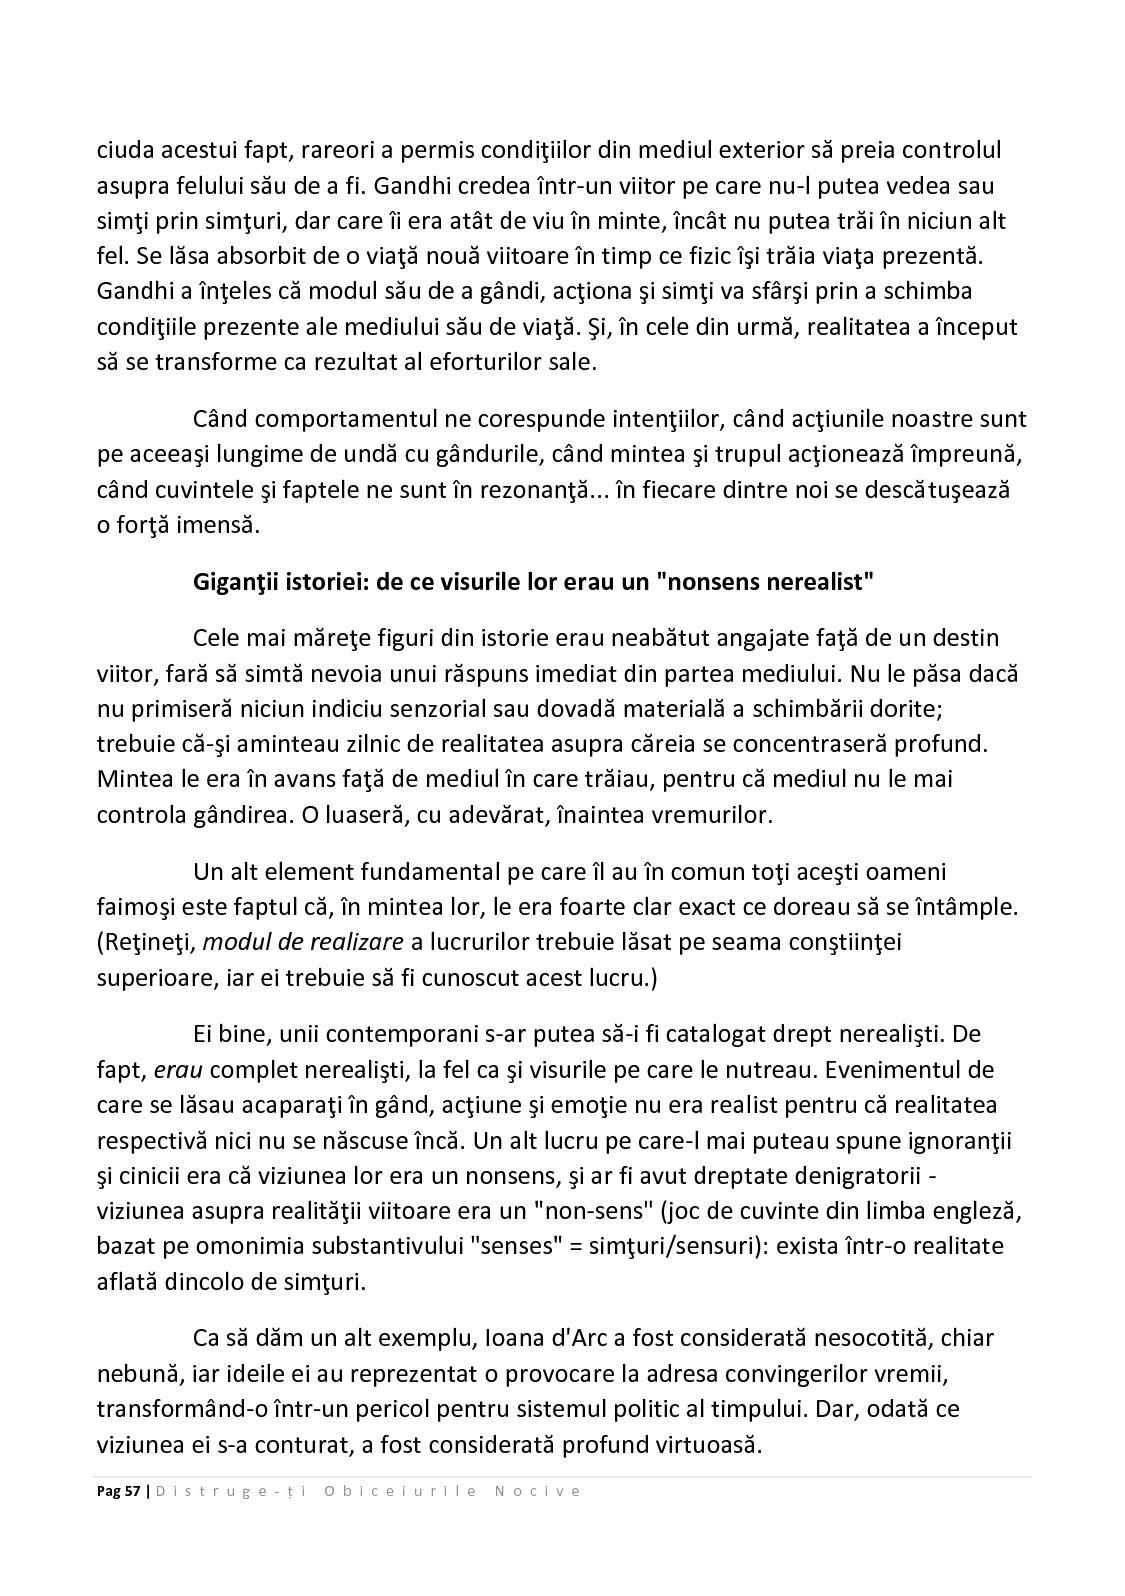 În ce cred românii: Dumnezeu, prezicători, tămăduitori, horoscop, extratereştri